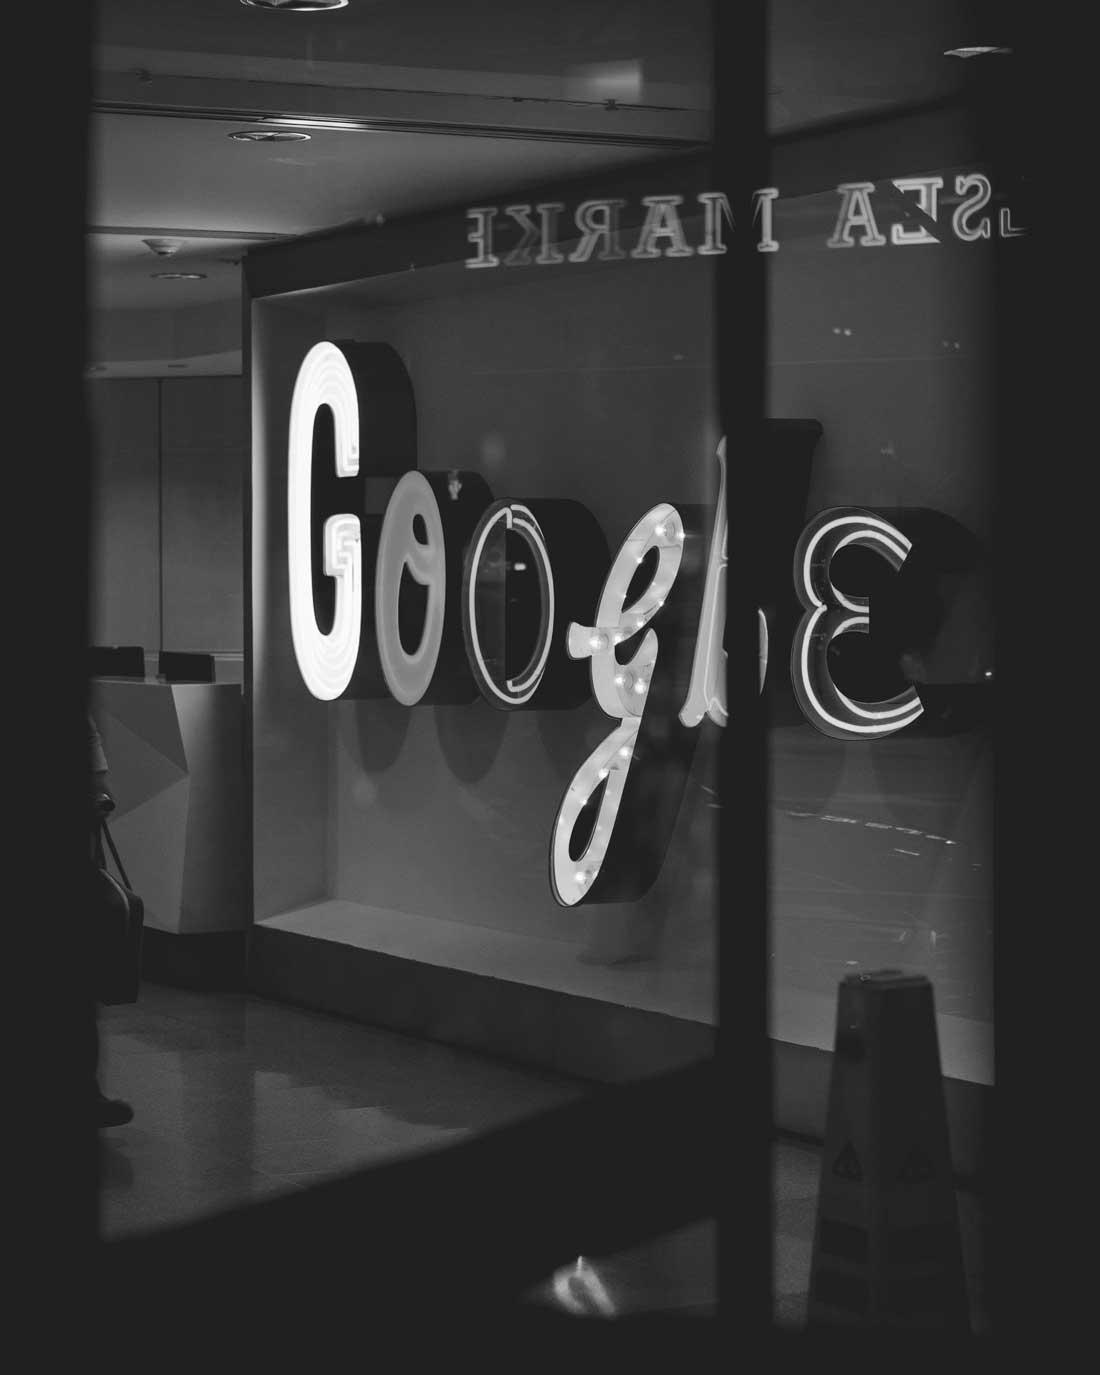 bild von google logo